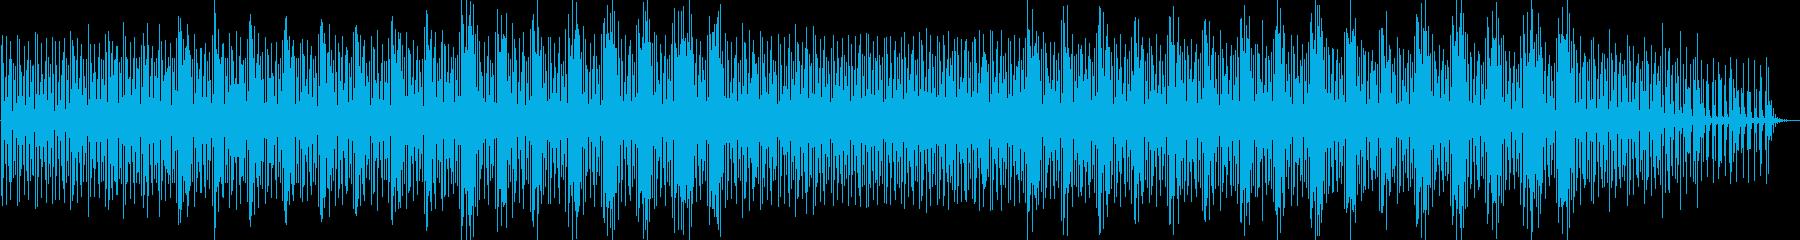 アンビエント、ニューエイジ風の音楽...の再生済みの波形